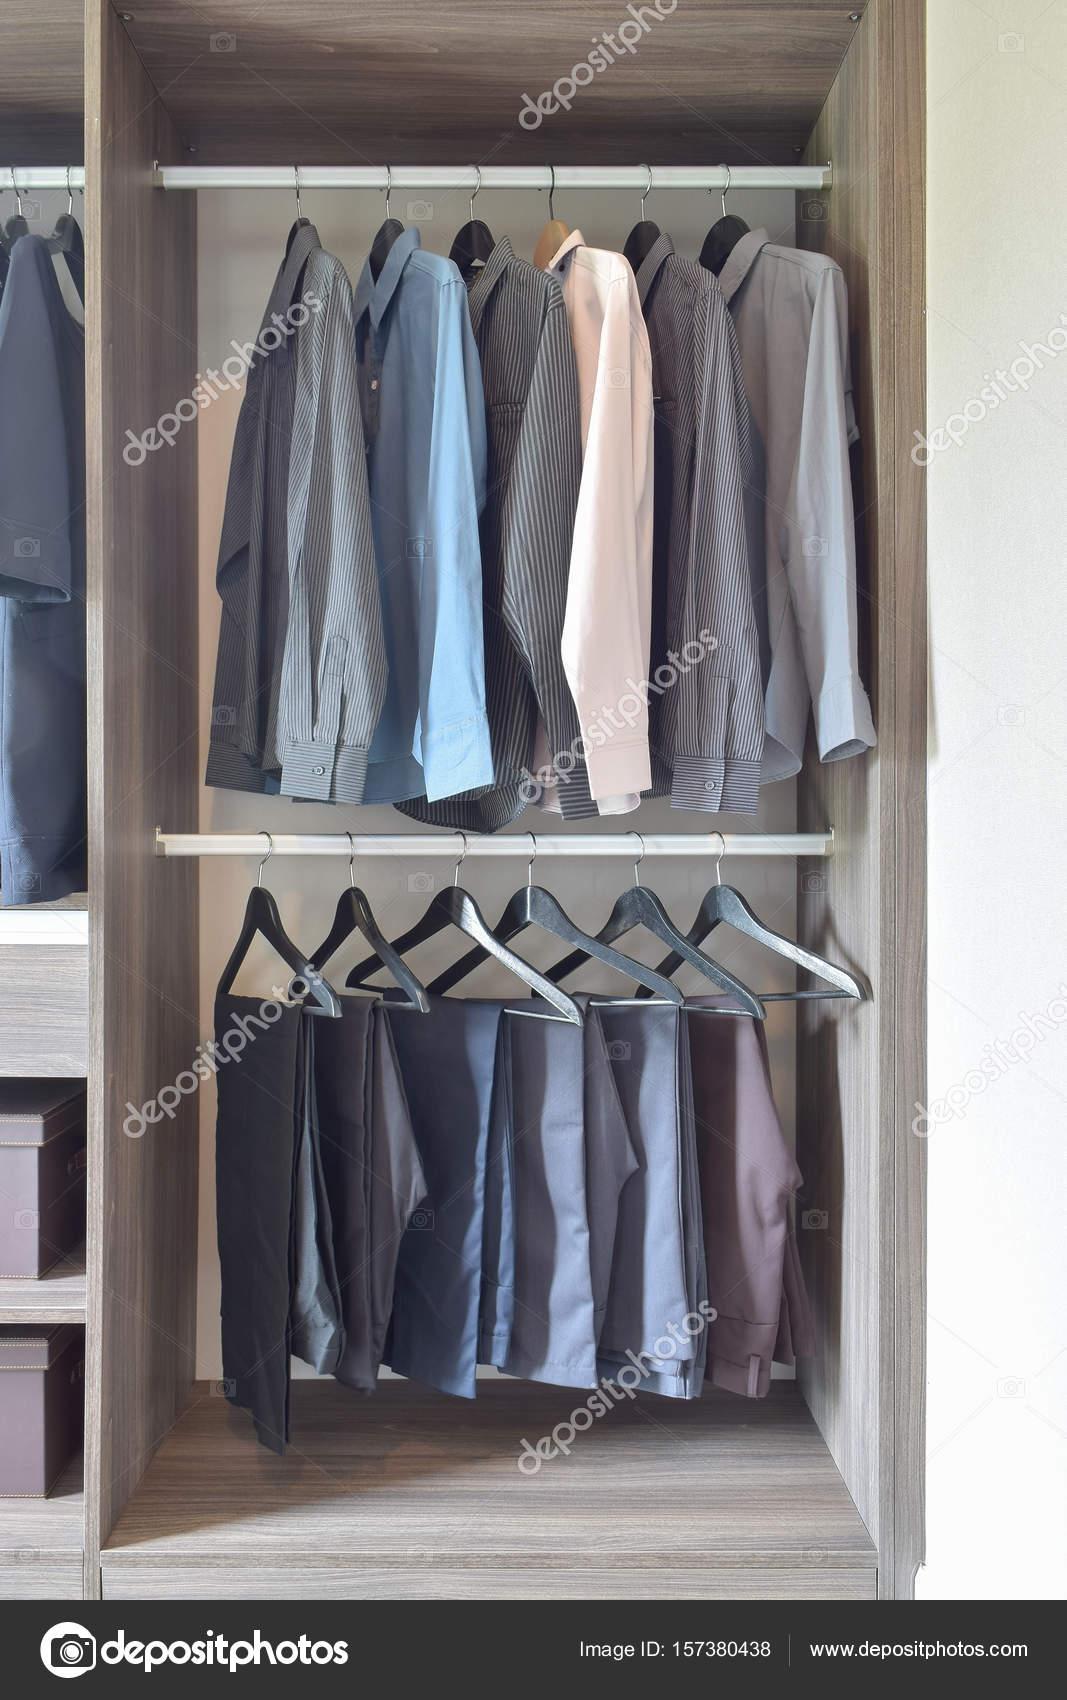 In Legno– Di Pantaloni Fila E Immagine Colorate Stock Camicie Appesi Nell'armadio QrxeCdBoW